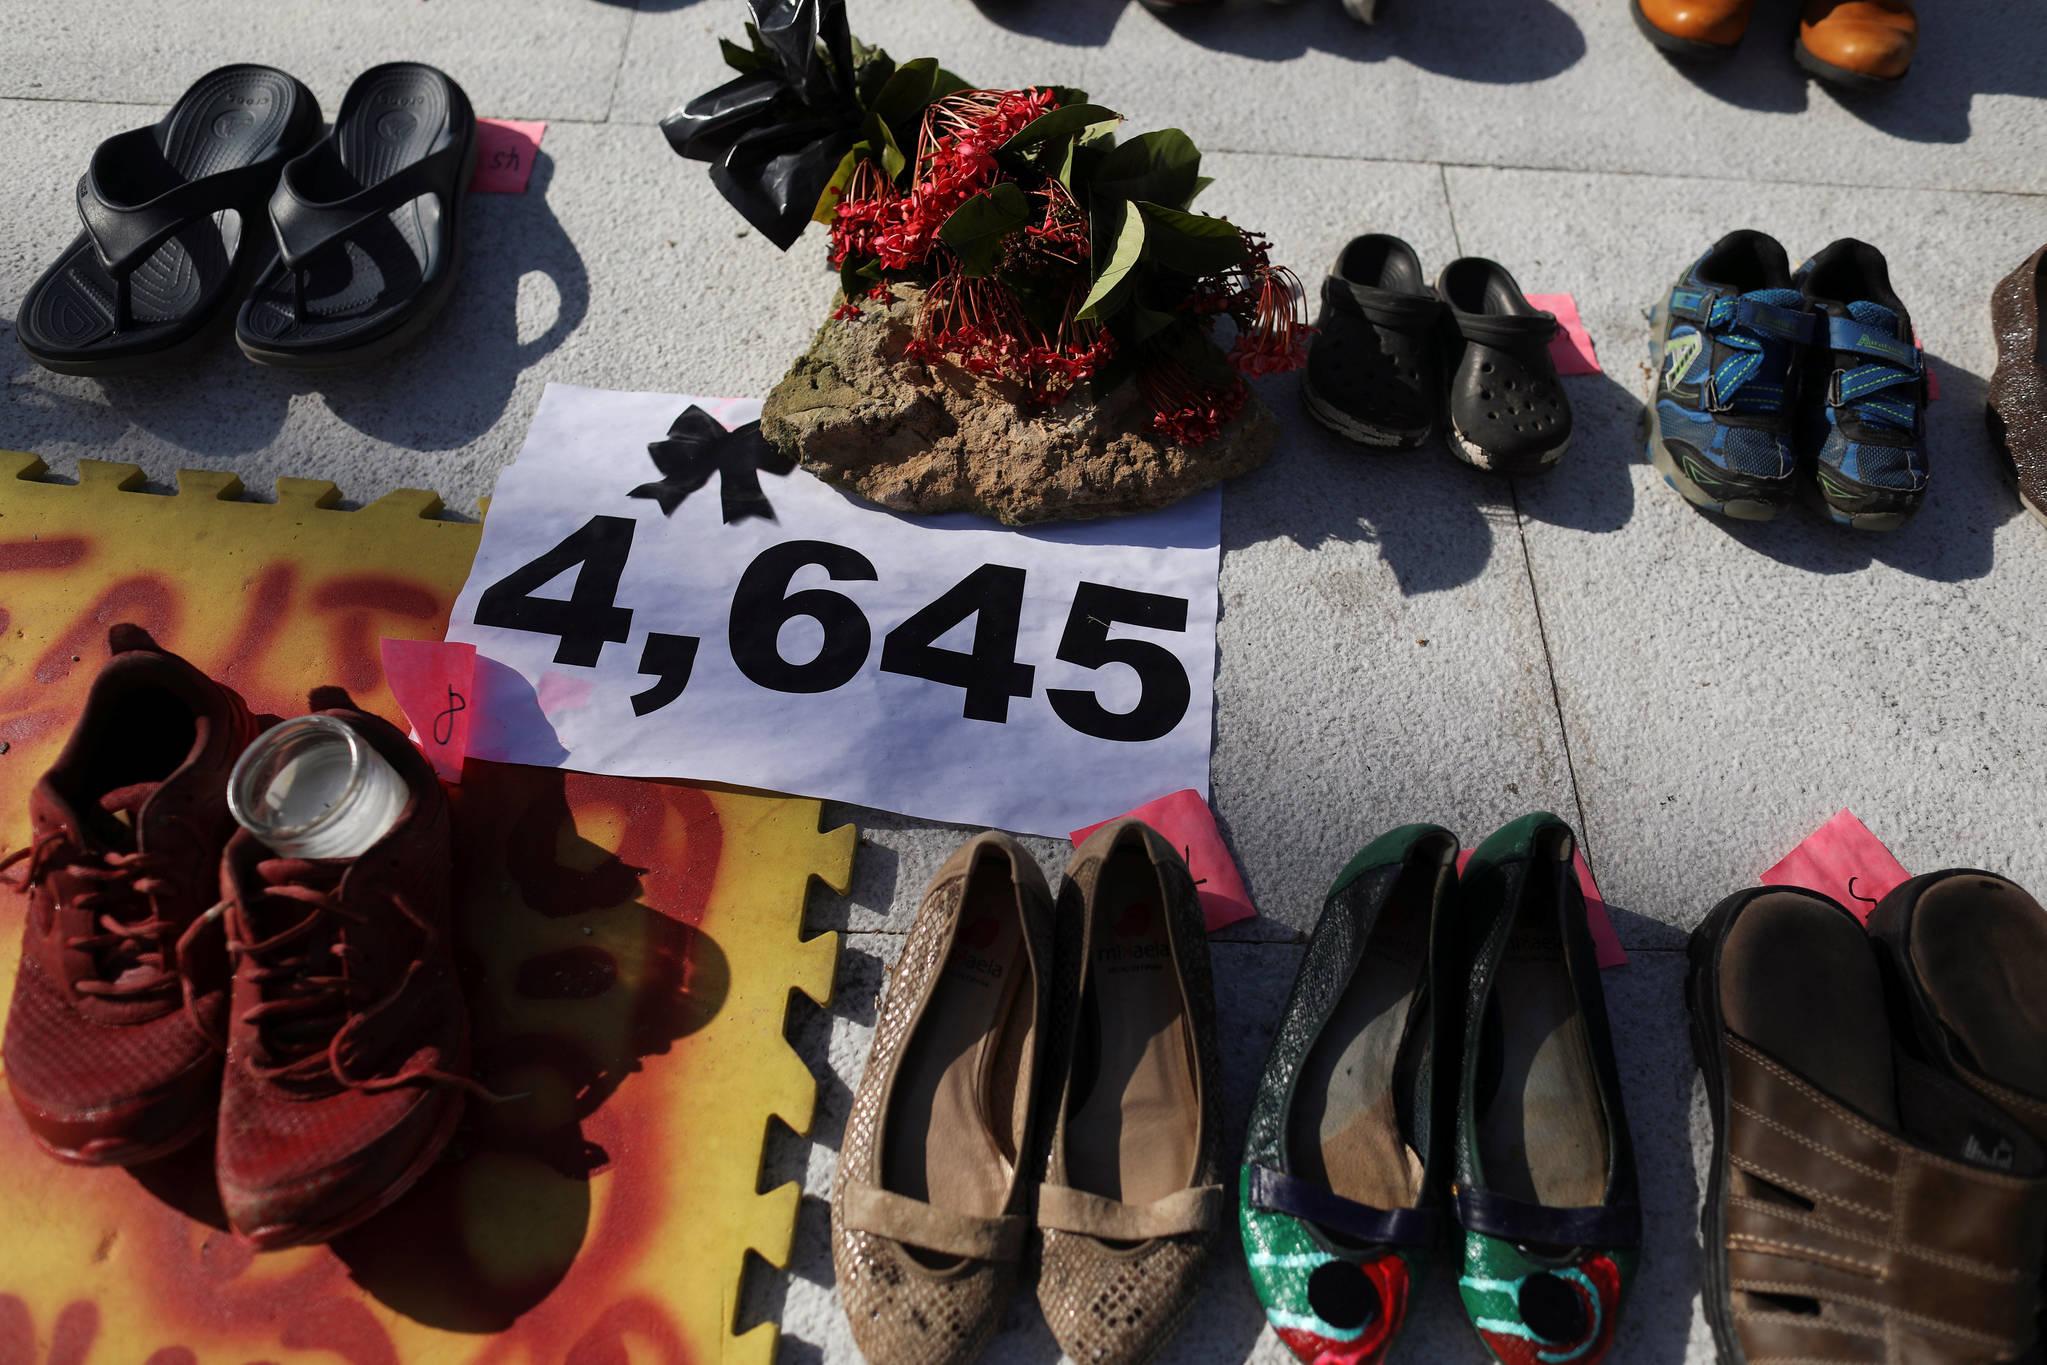 1일(현지시간) 미국 국회의사당 앞에 허리케인 '마리아'로 인해 숨진 푸에르토리코 희생자들의 신발이 놓여져 있다. [로이터=연합뉴스]